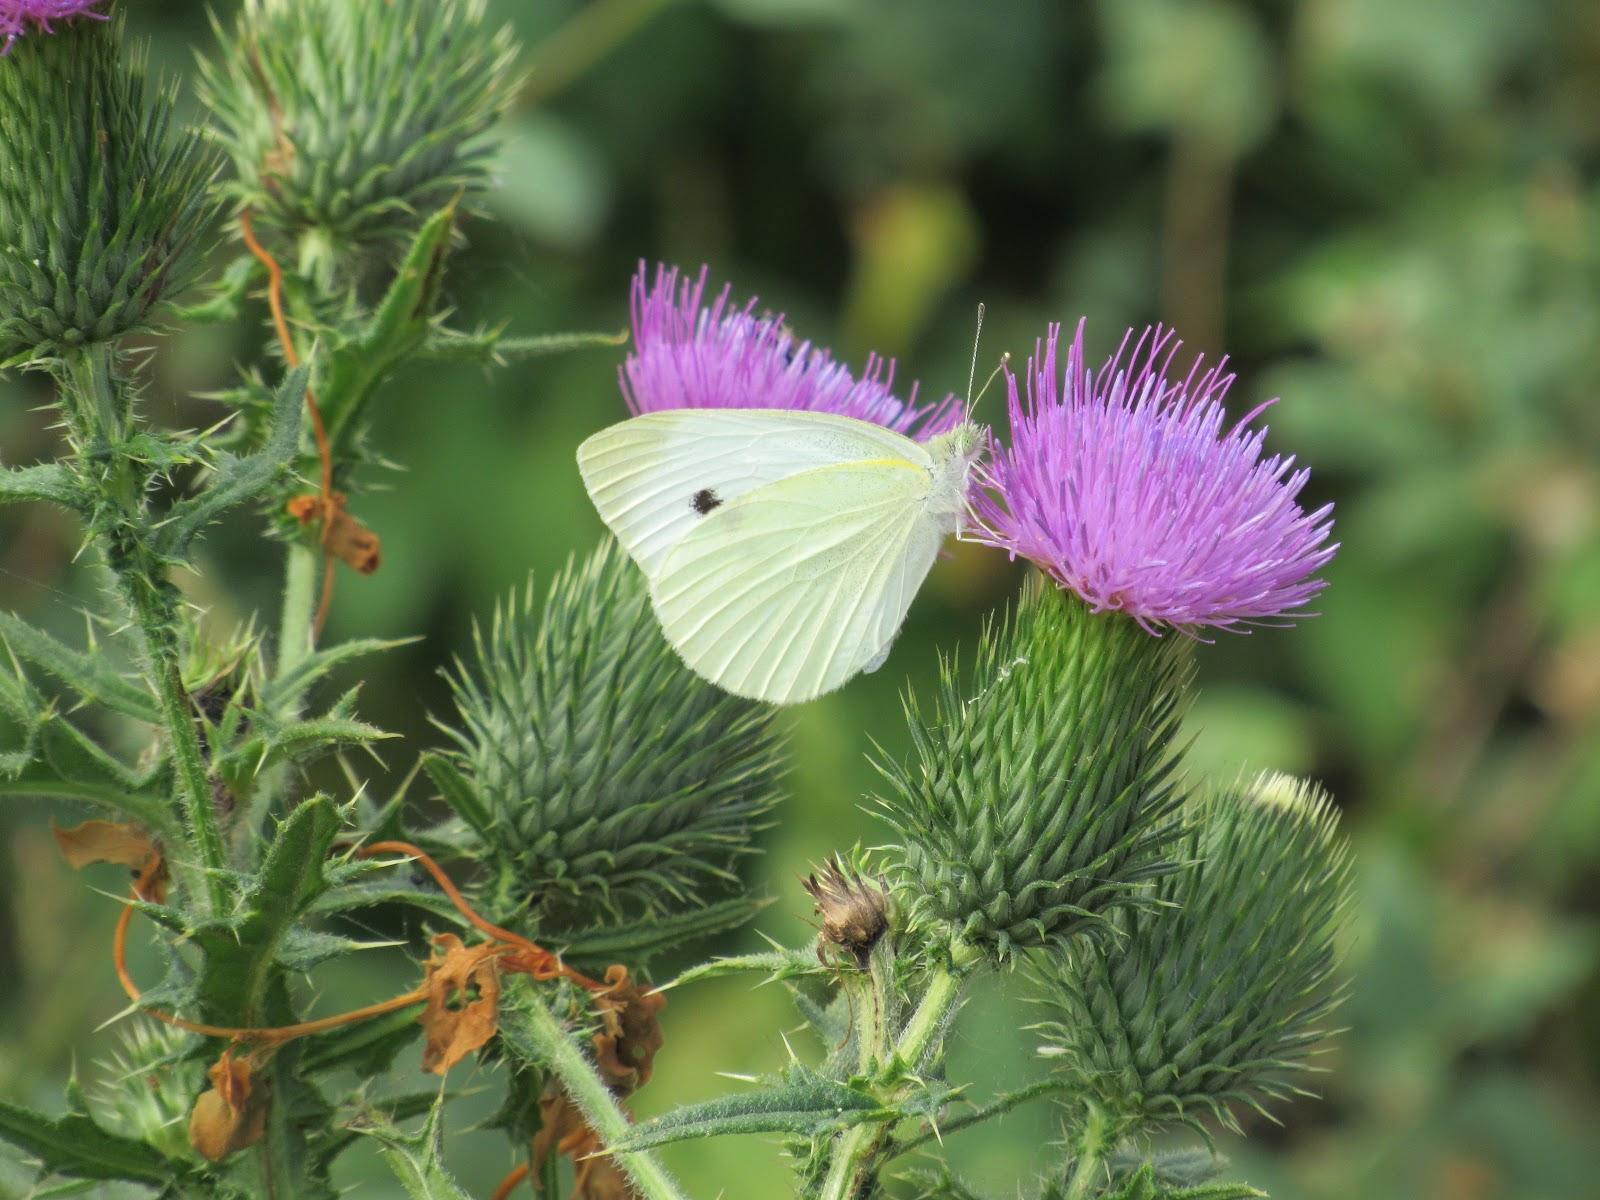 cabbage-white-tom-mitchell-9-9-16